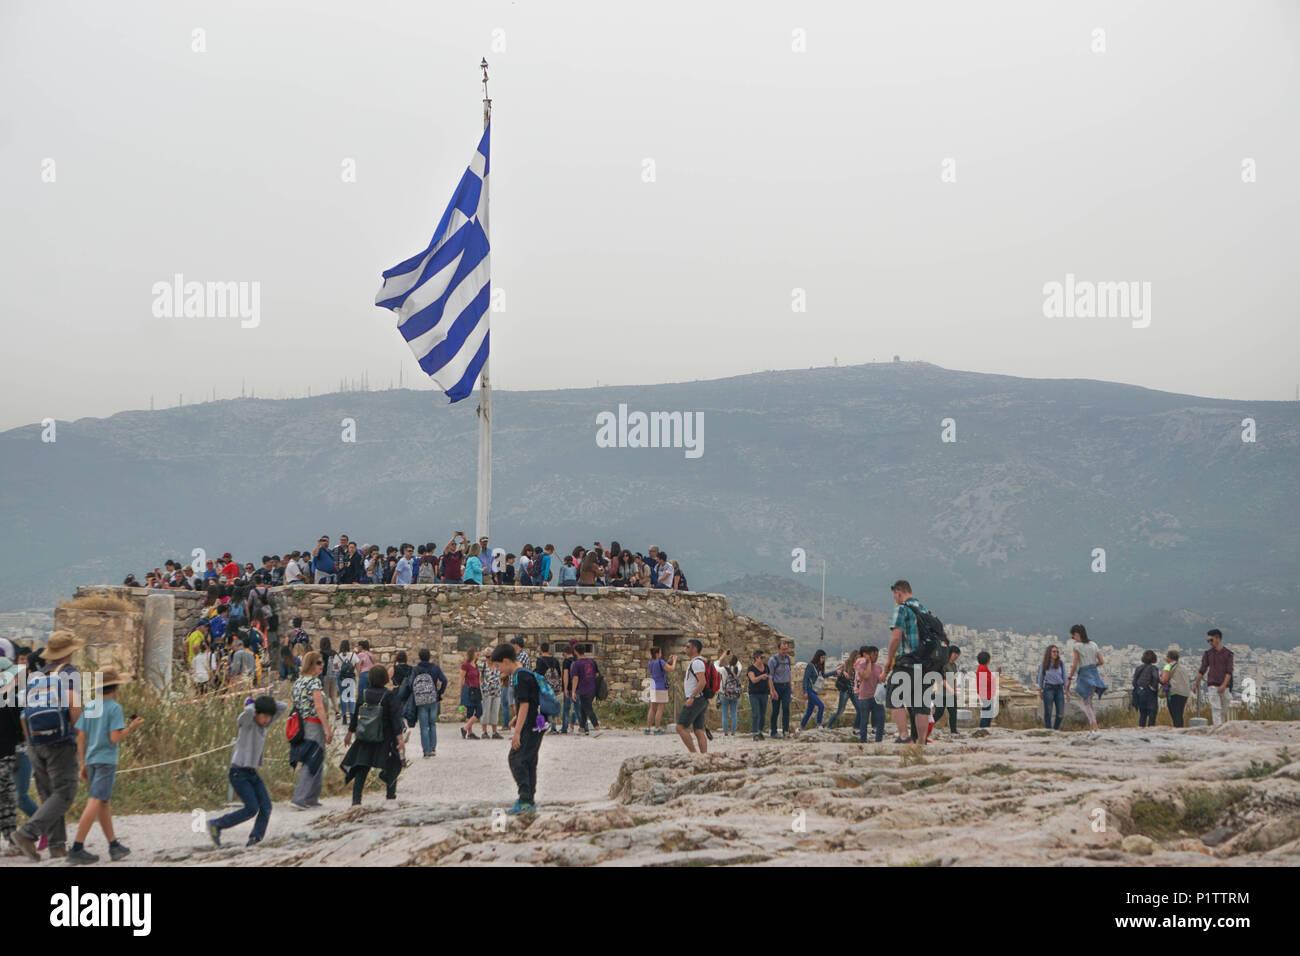 Atenas, Grecia - Abril 16, 2018: Los turistas se reúnen alrededor de la bandera griega en la Acrópolis de Atenas, bajo un cielo brumoso causados por la contaminación de polvo. Imagen De Stock